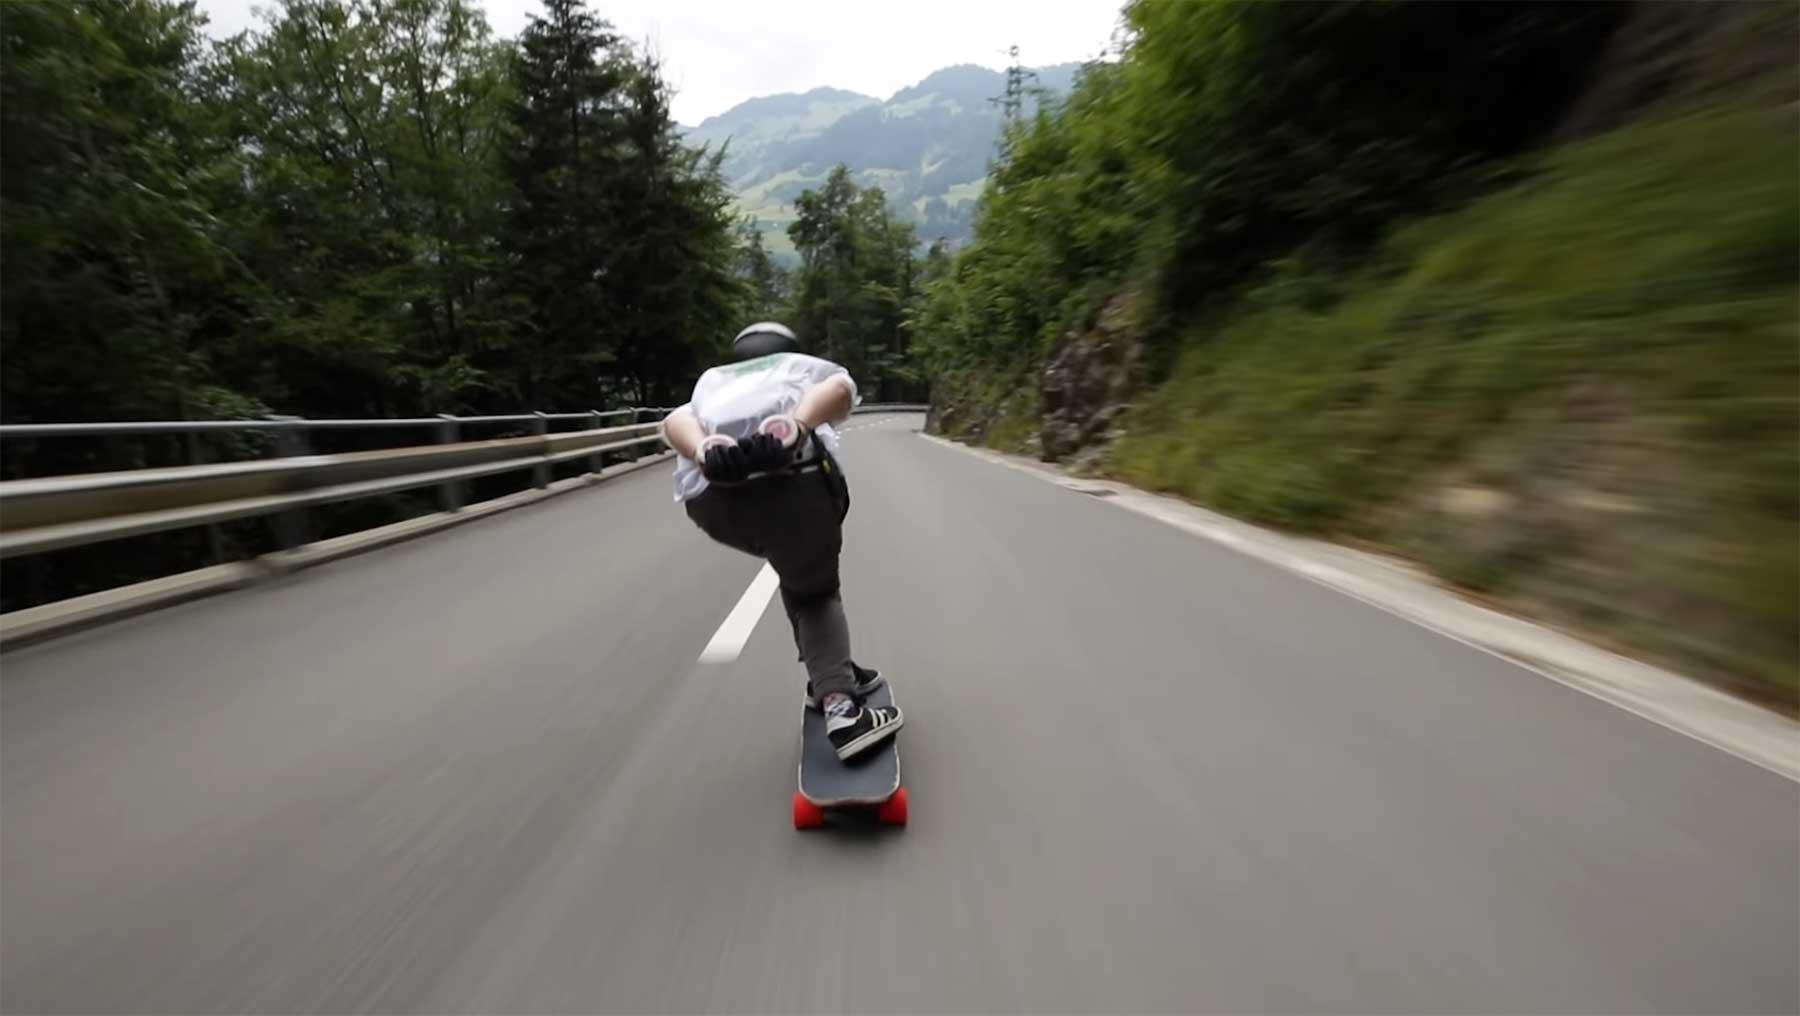 Mit 112 km/h auf dem Longboard die Straße runter